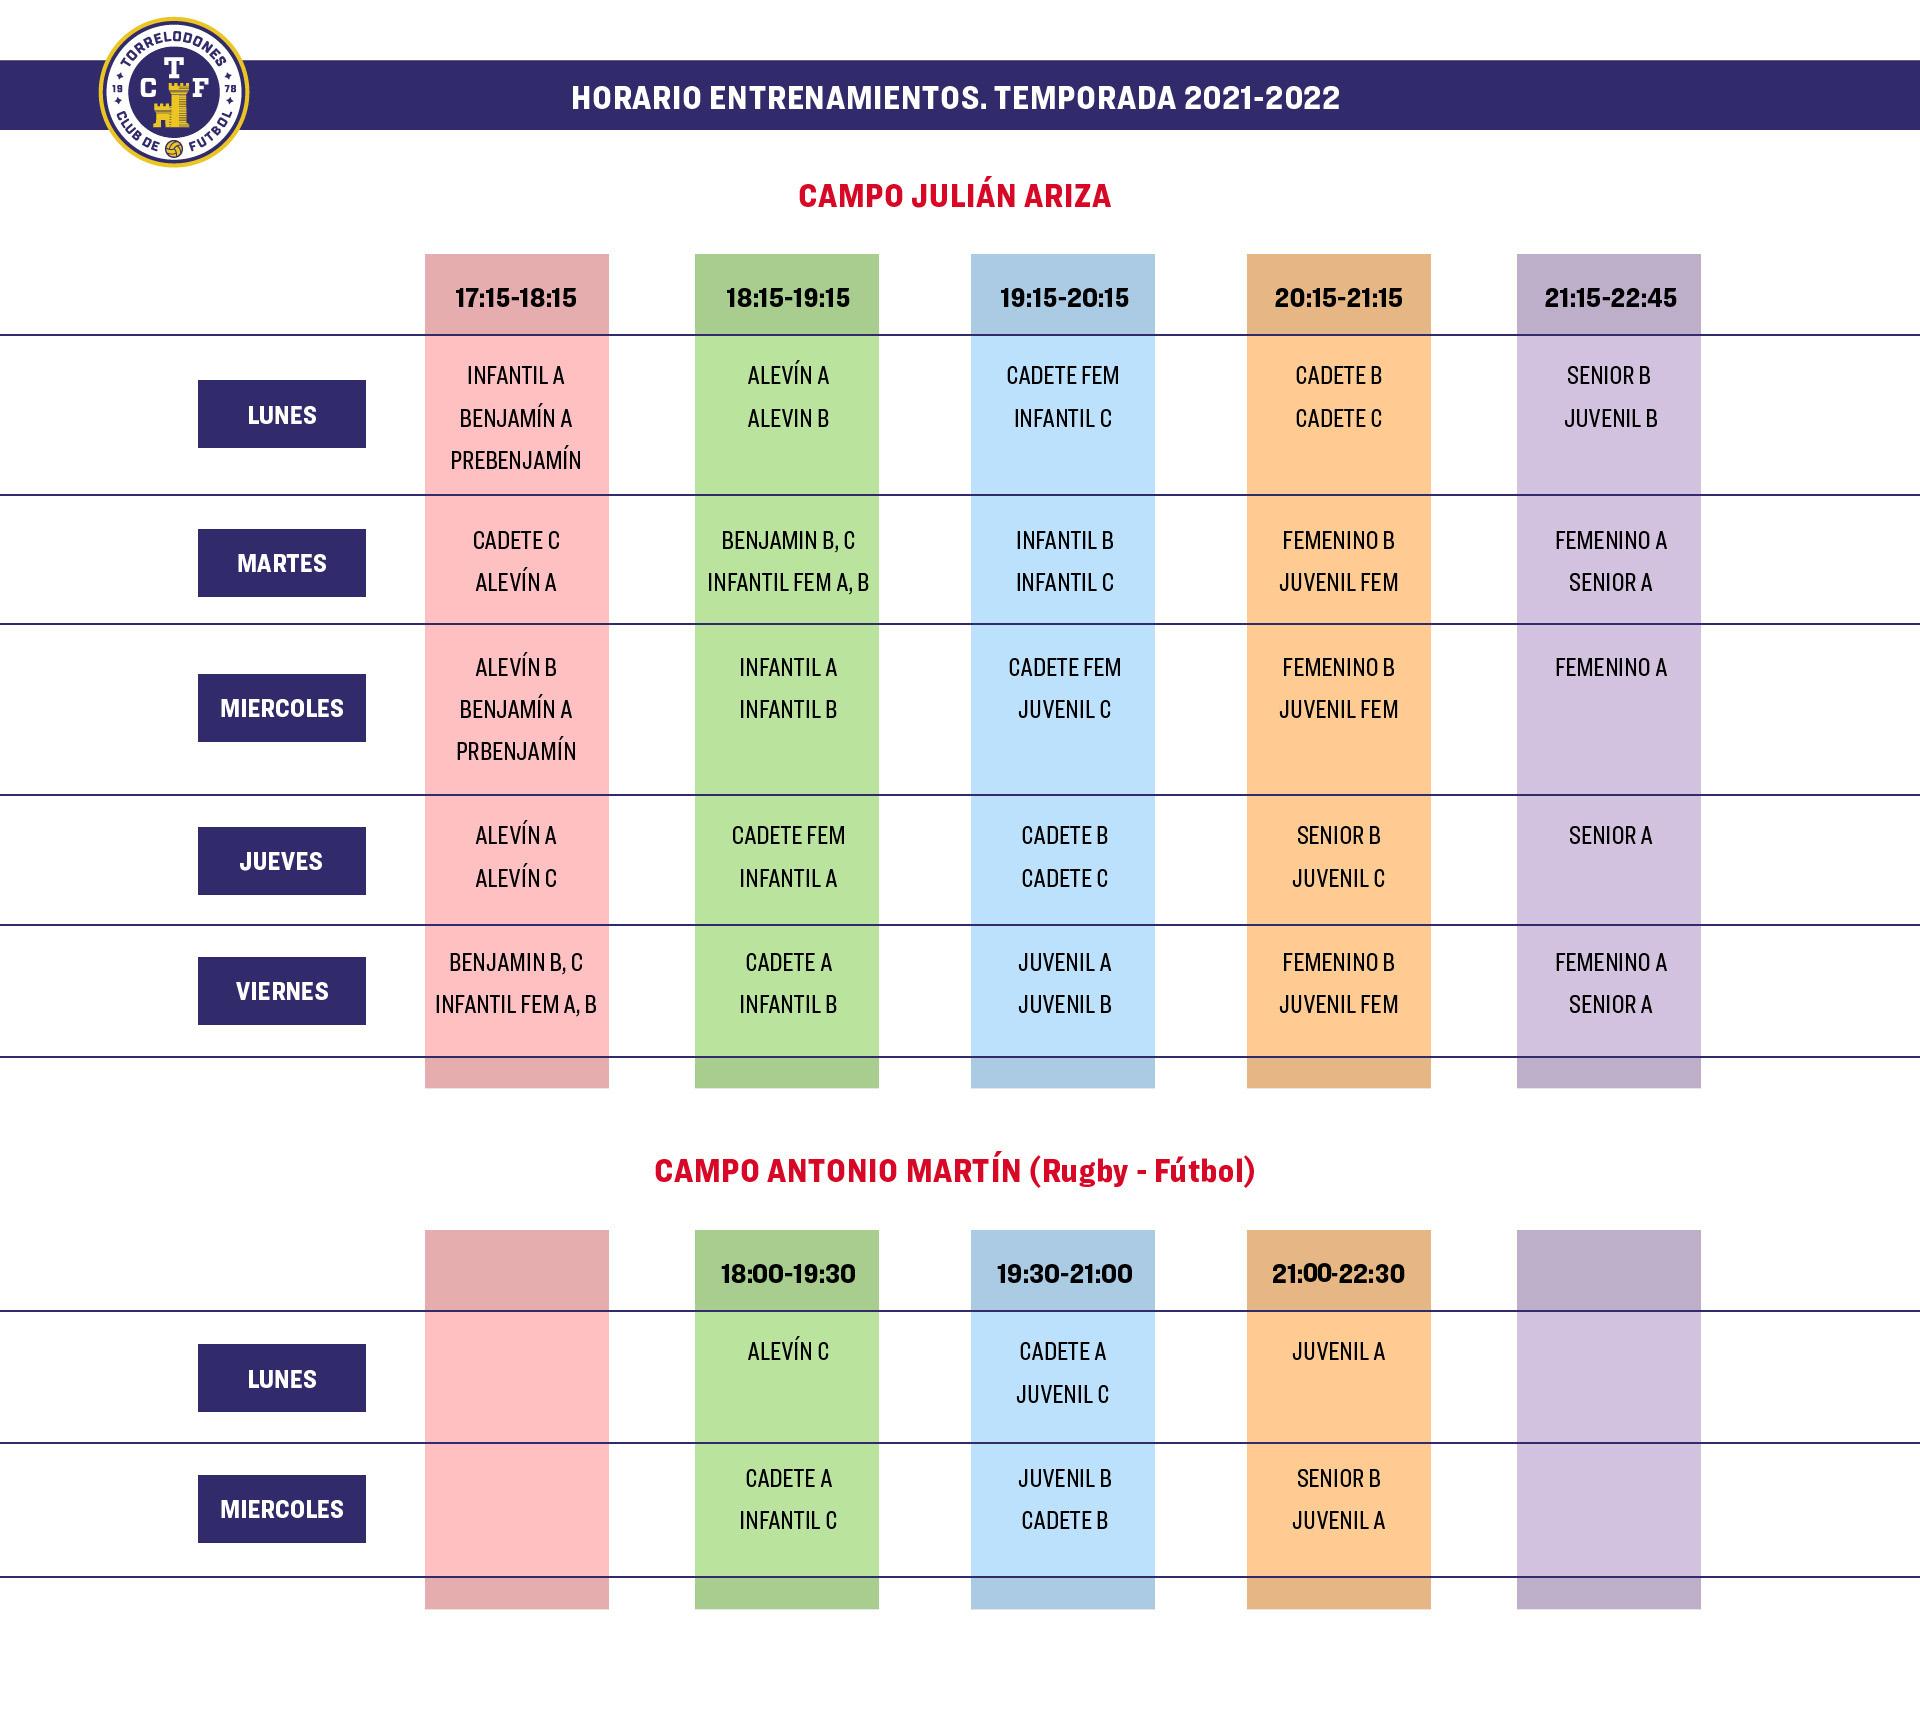 Horarios Entrenamientos Temporada 2021 / 2022